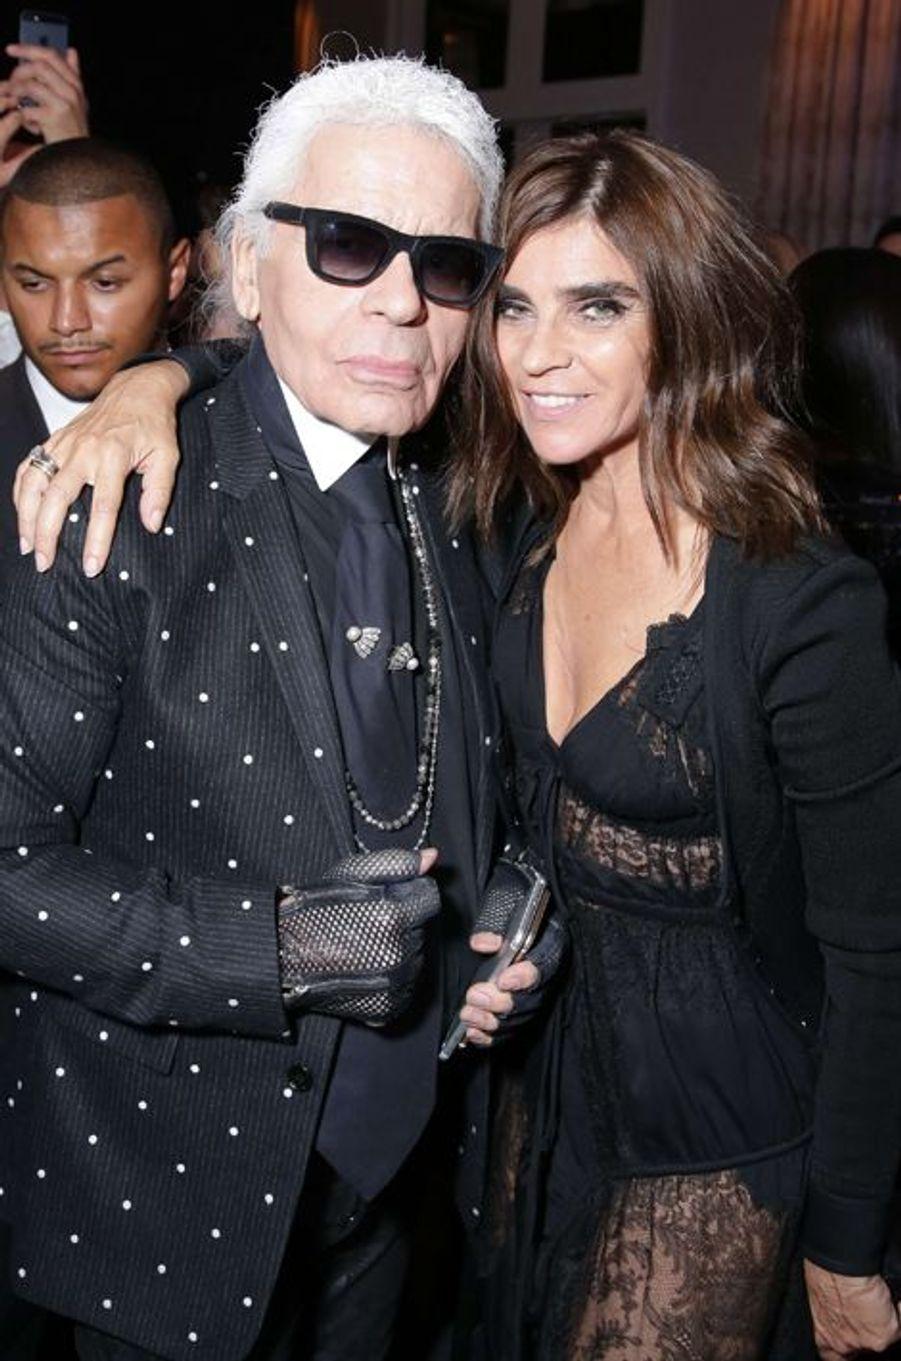 Karl Lagerfeld et Carine Roitfeld à la soirée CR Fashion Book organisée à Paris le mardi 30 septembre 2014